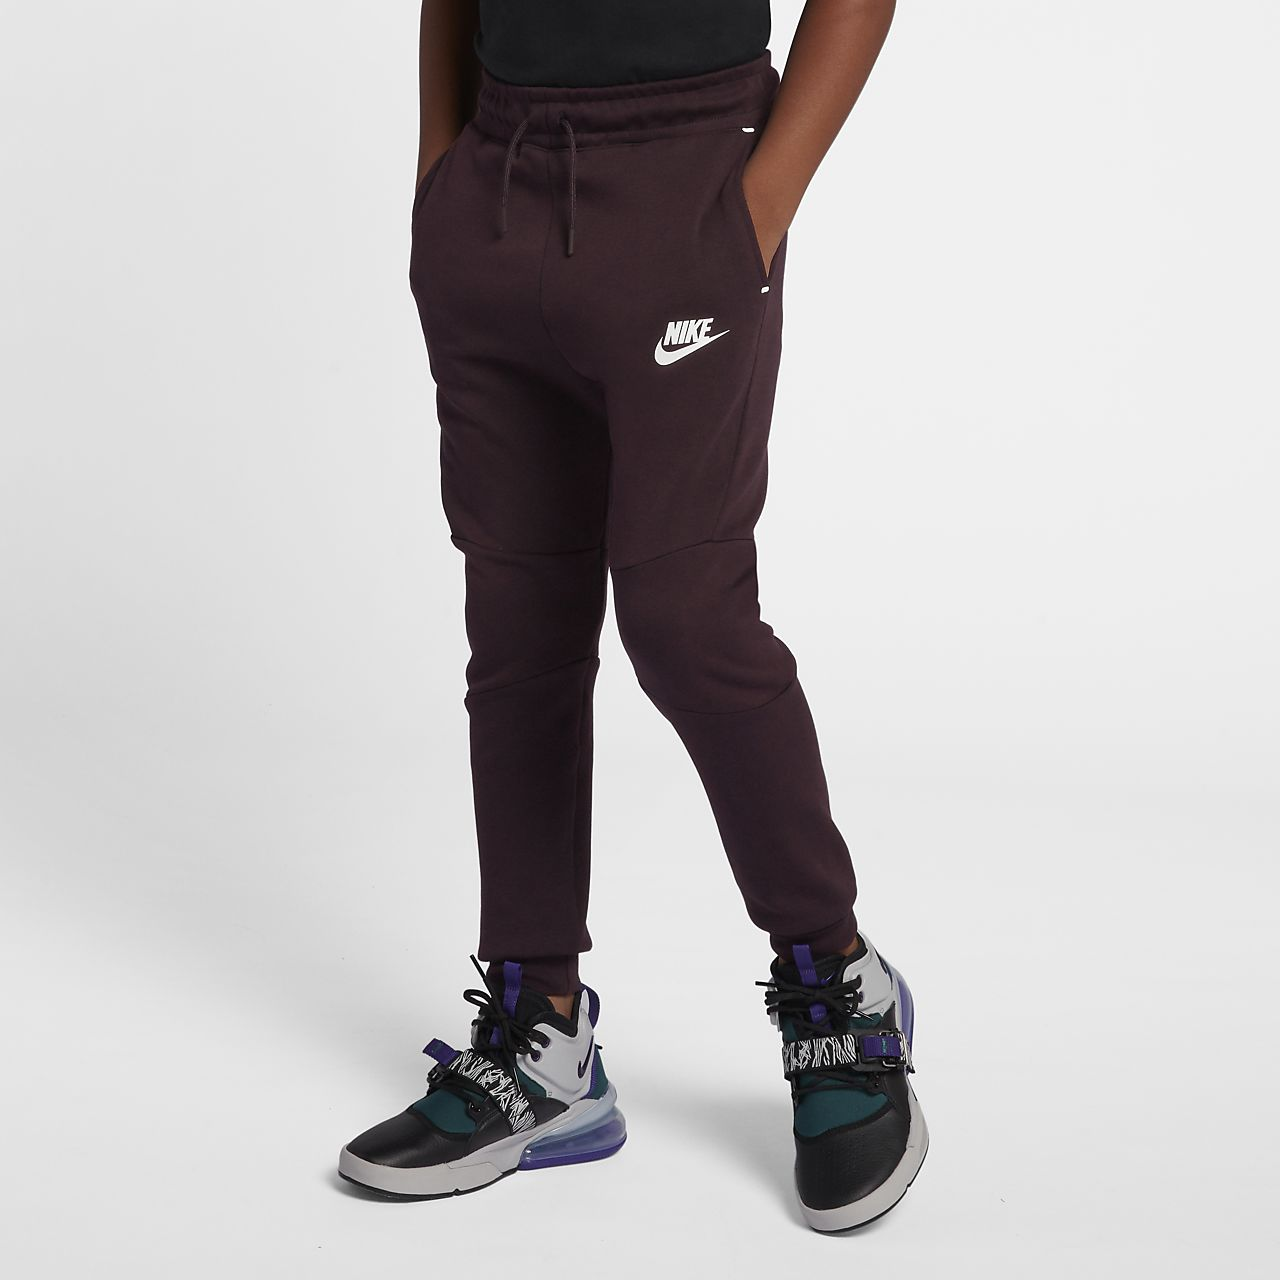 Nike Für Hose Ältere Sportswear KinderDe Fleece Tech Rj5L3A4